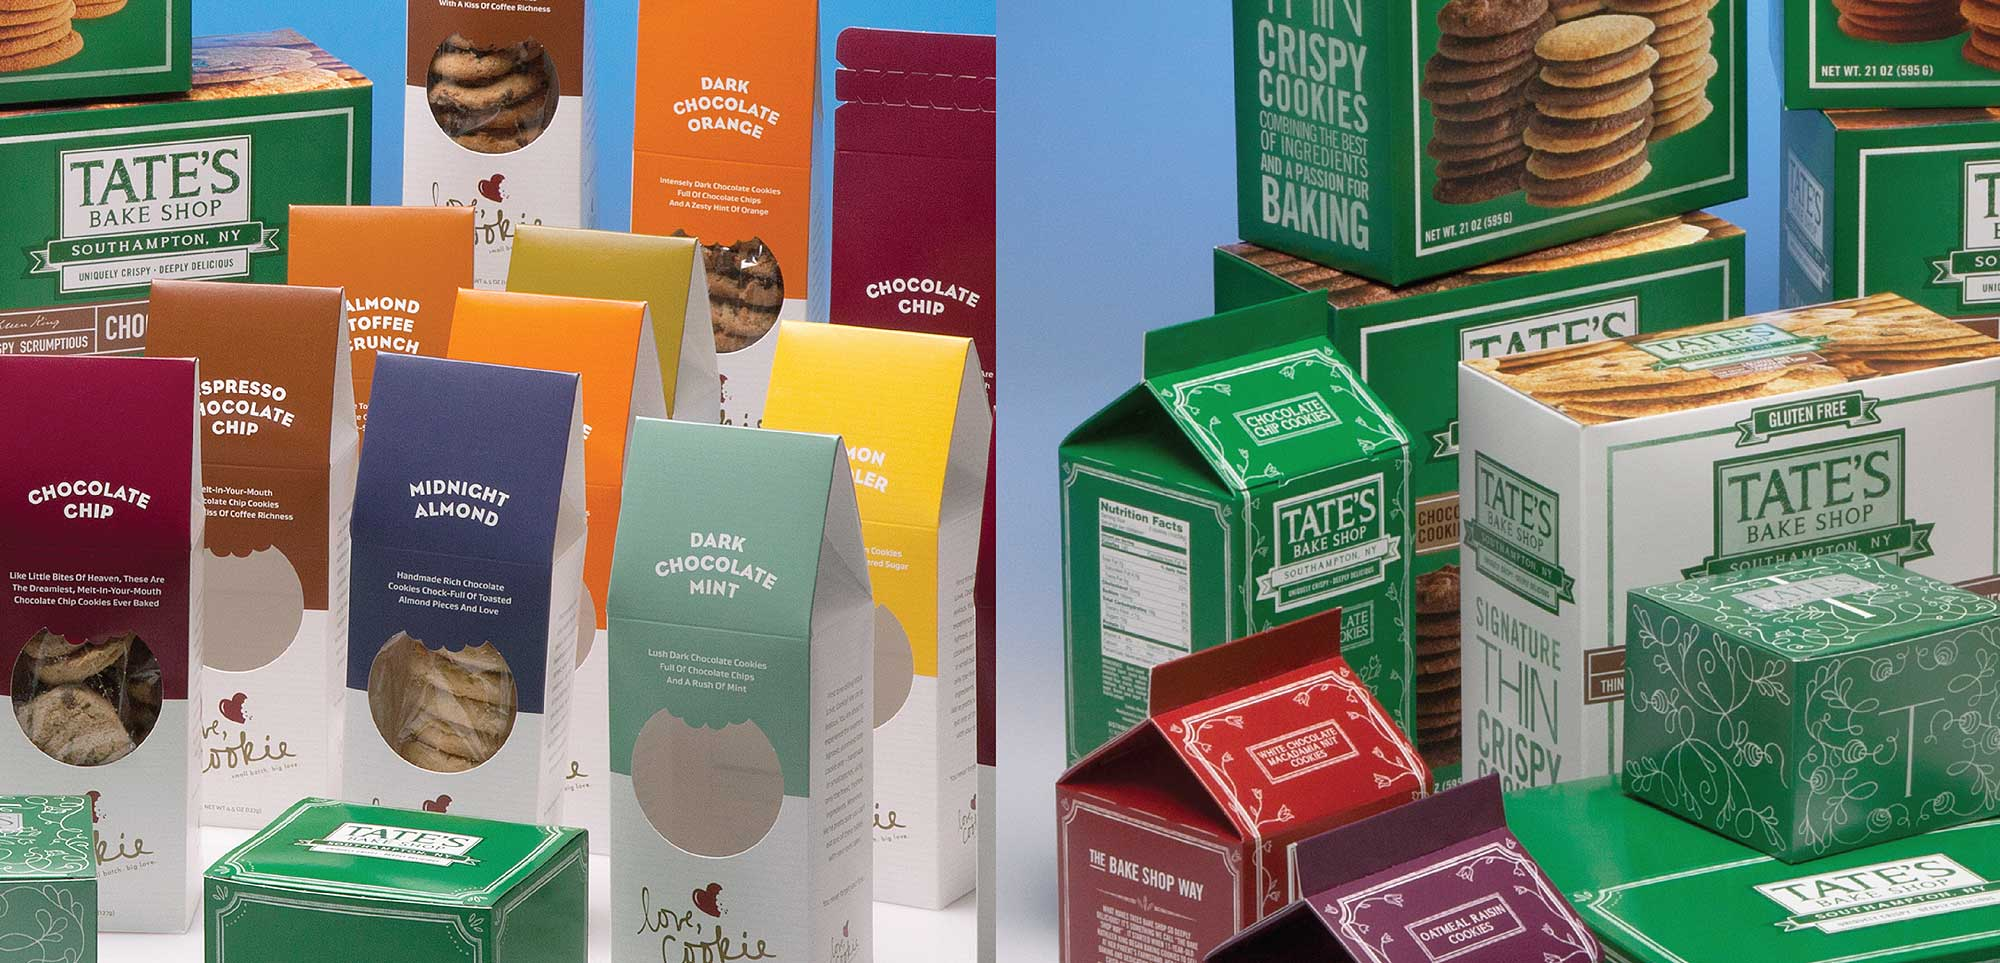 Direct Contact Food Cartons